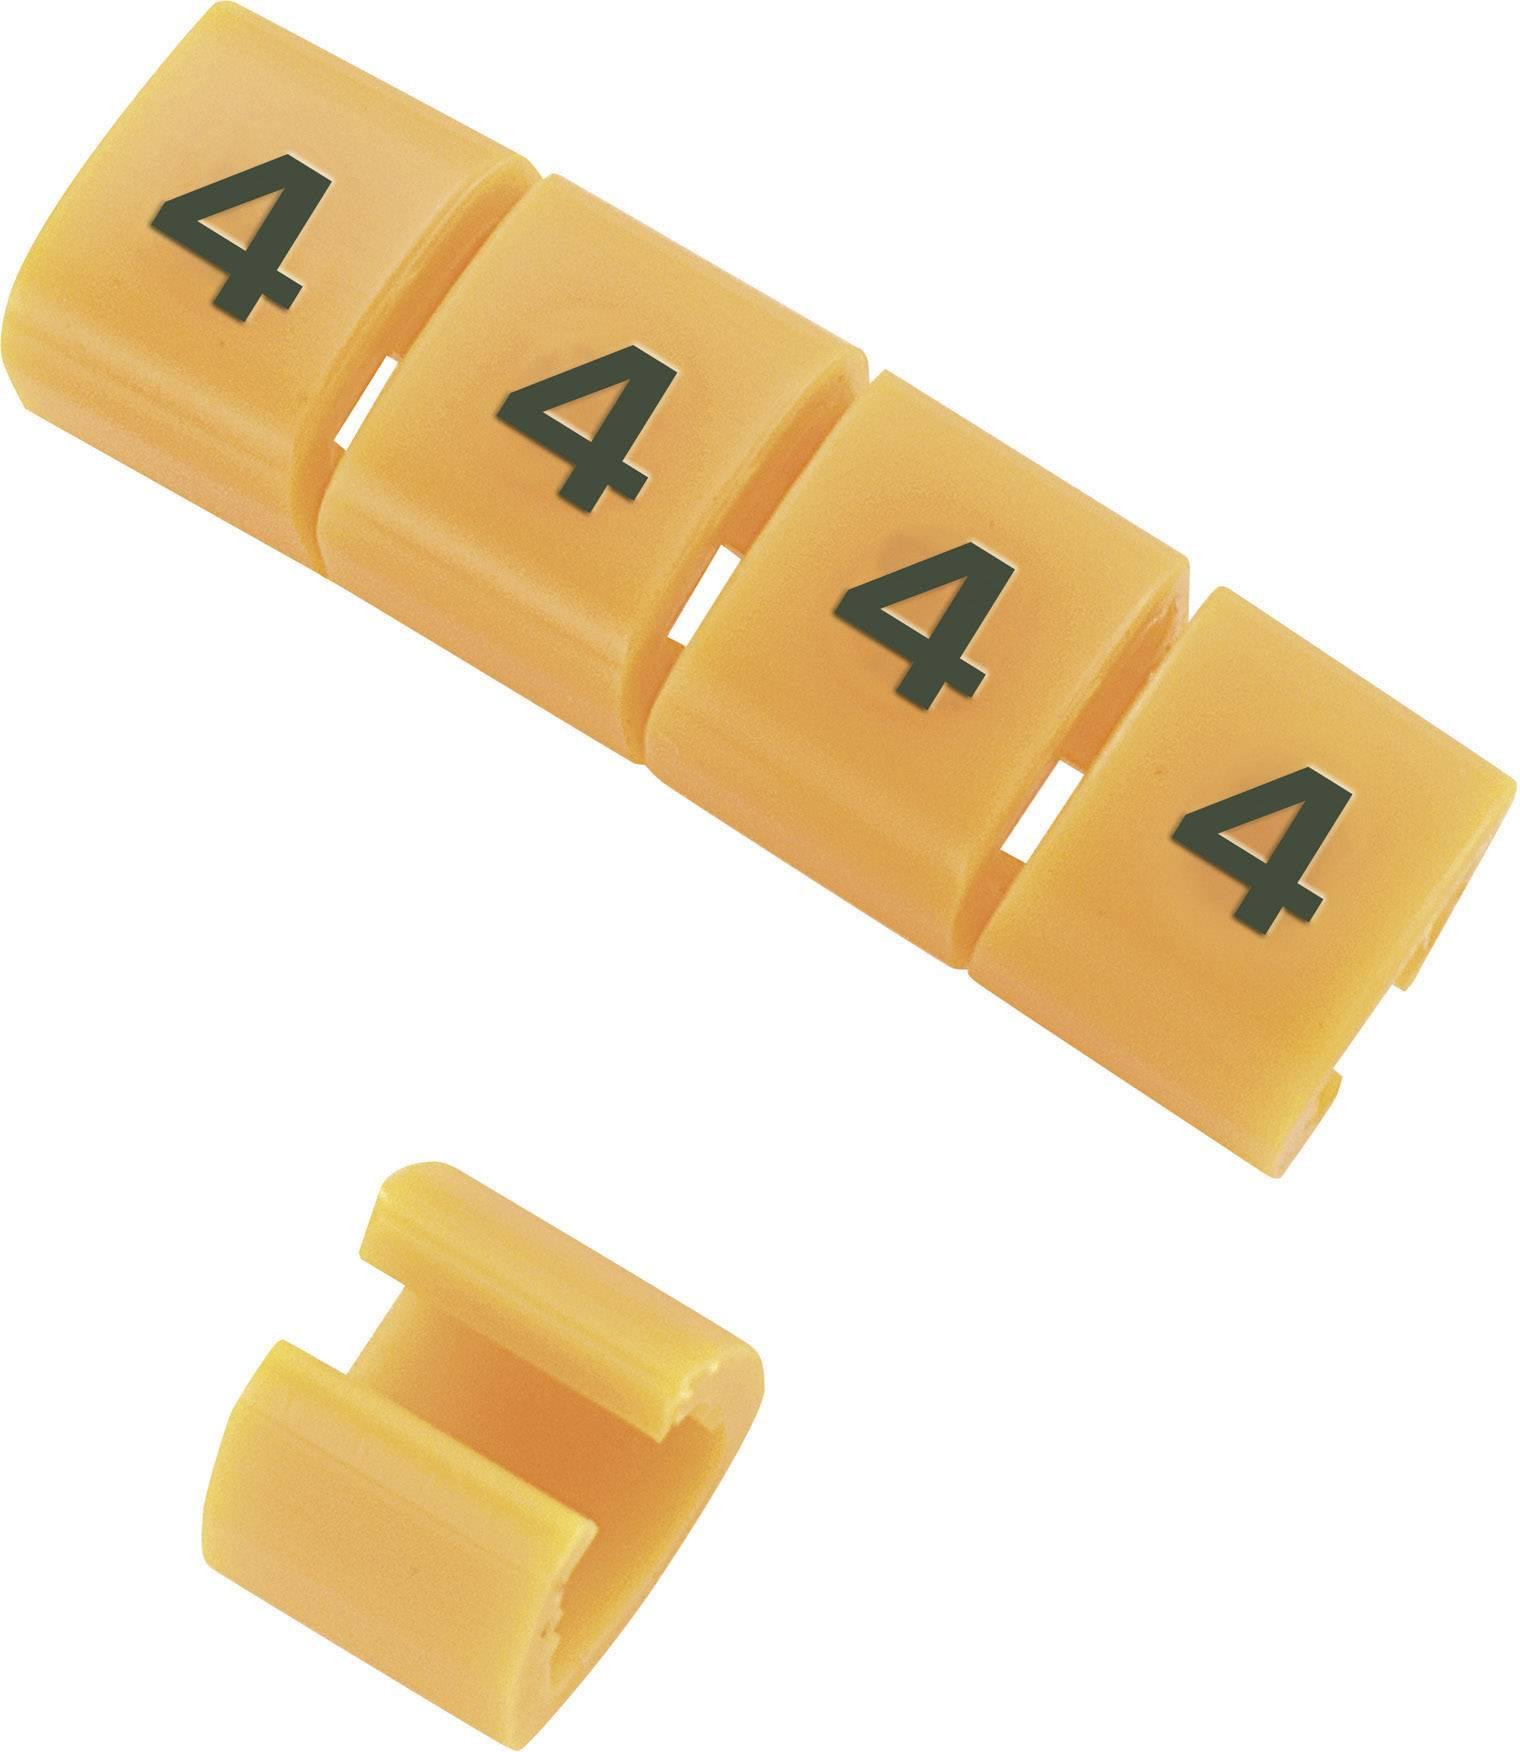 Označovacie objímka na káble KSS MB1/4, oranžová, 10 ks